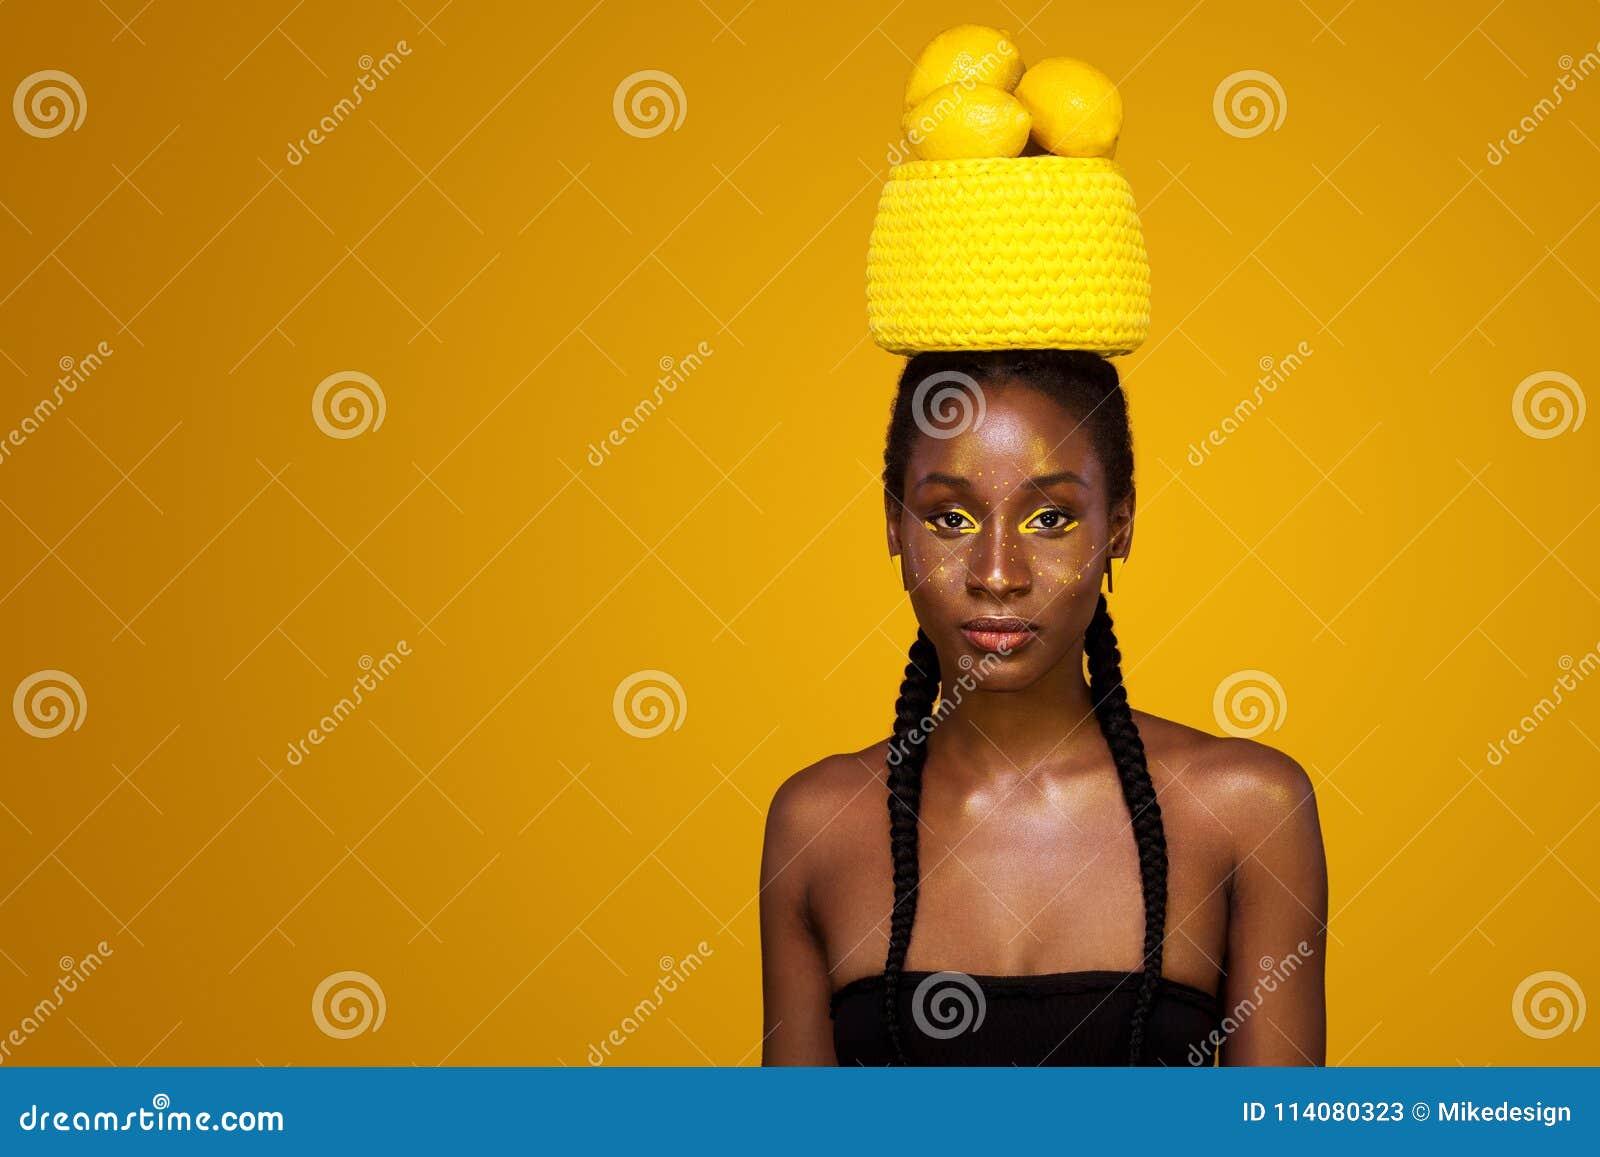 Mujer africana joven alegre con maquillaje amarillo en ella ojos Modelo femenino contra fondo amarillo con los limones amarillos